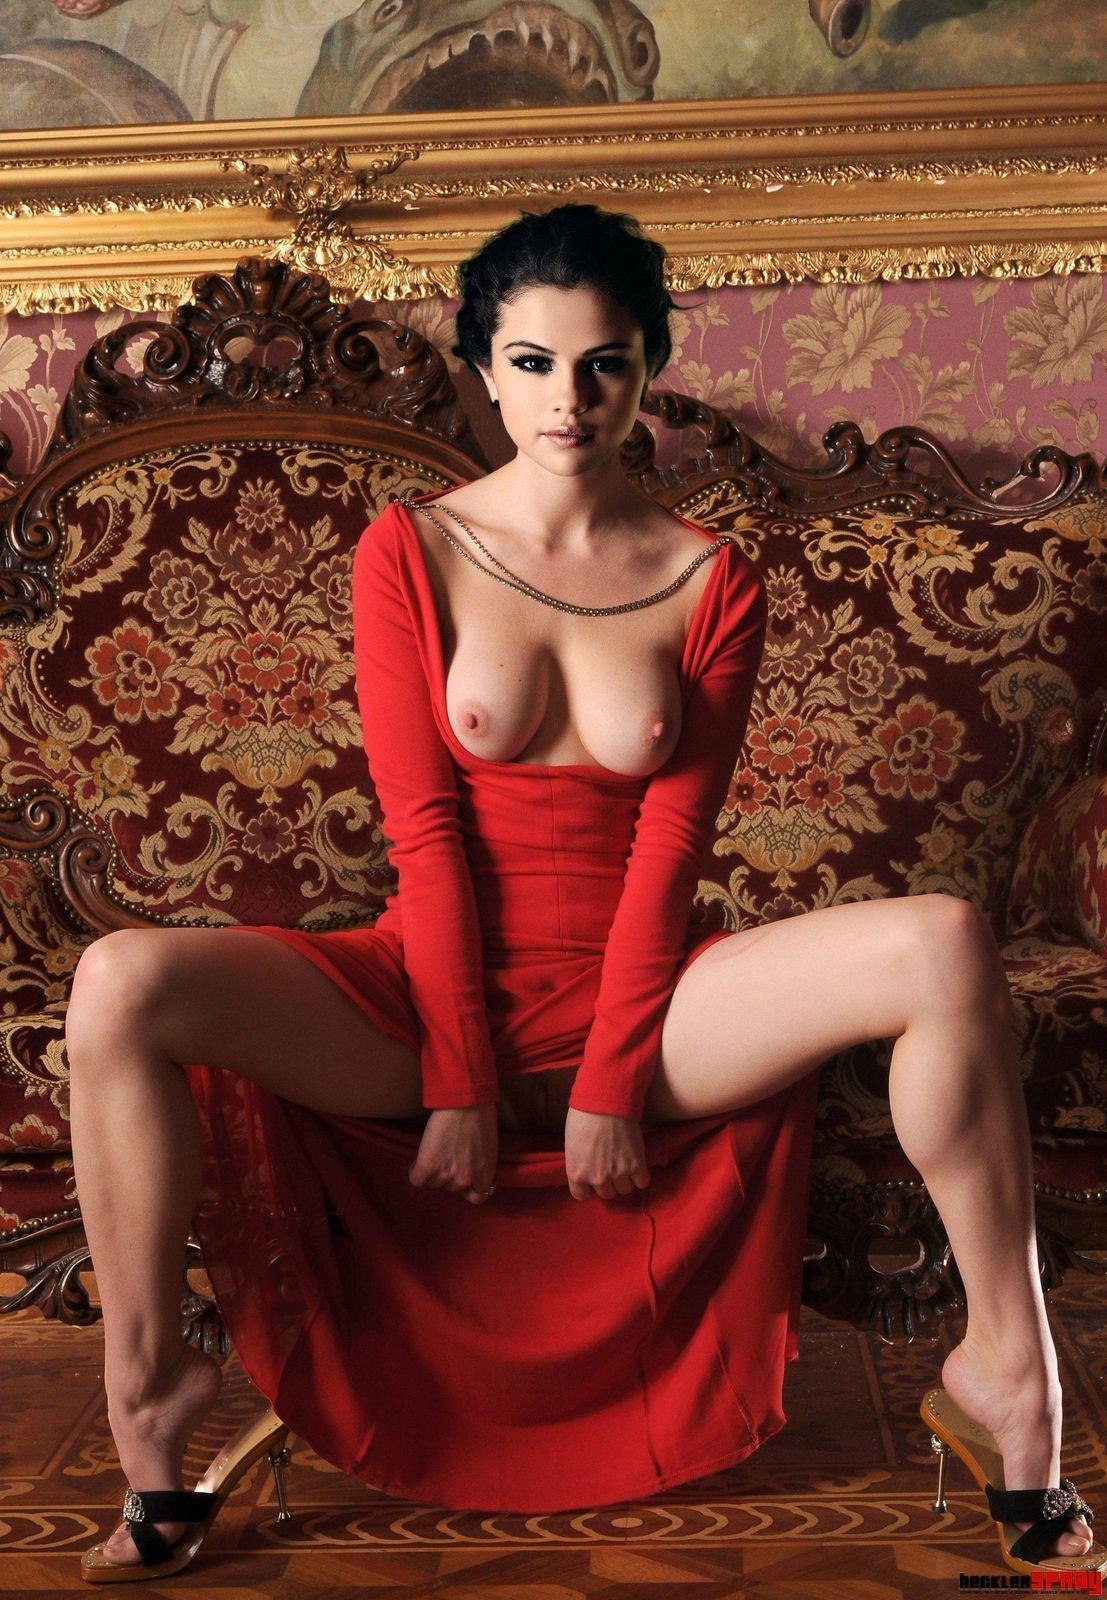 Porn selena gomez nackt fakes that cock